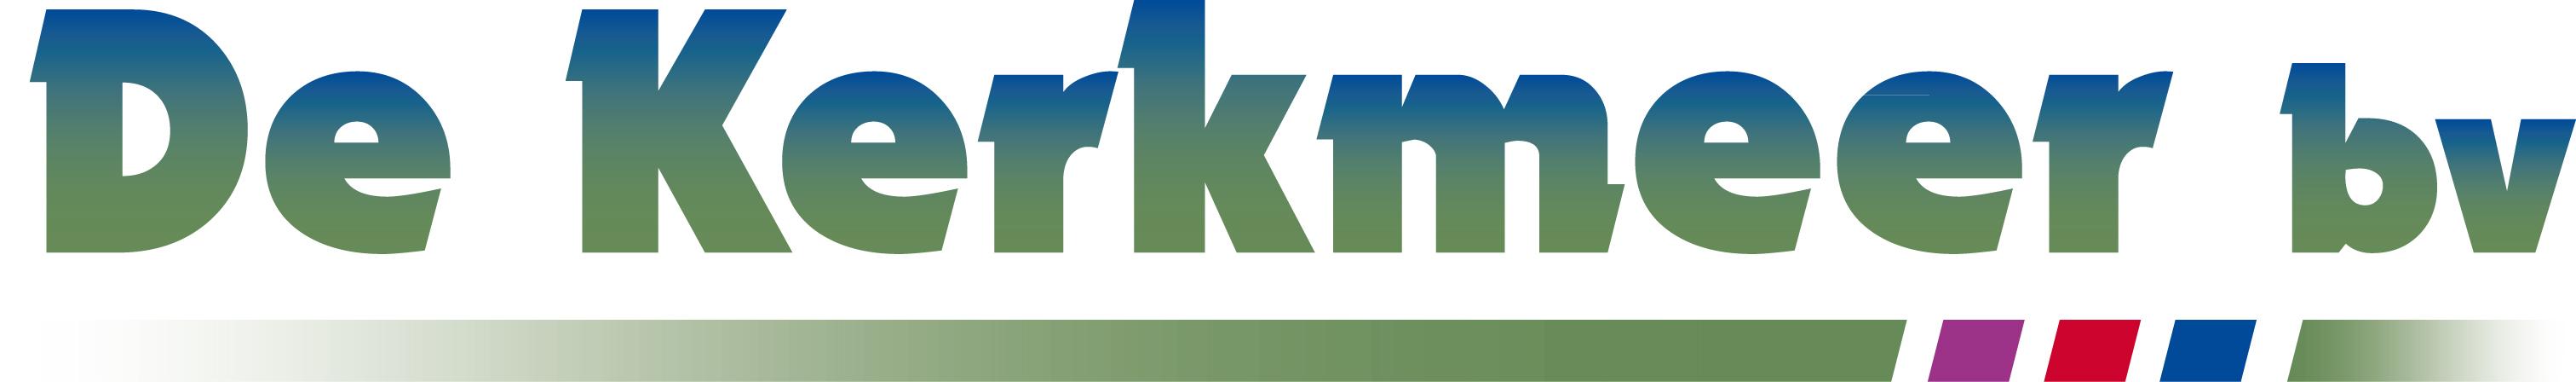 De Kerkmeer bv